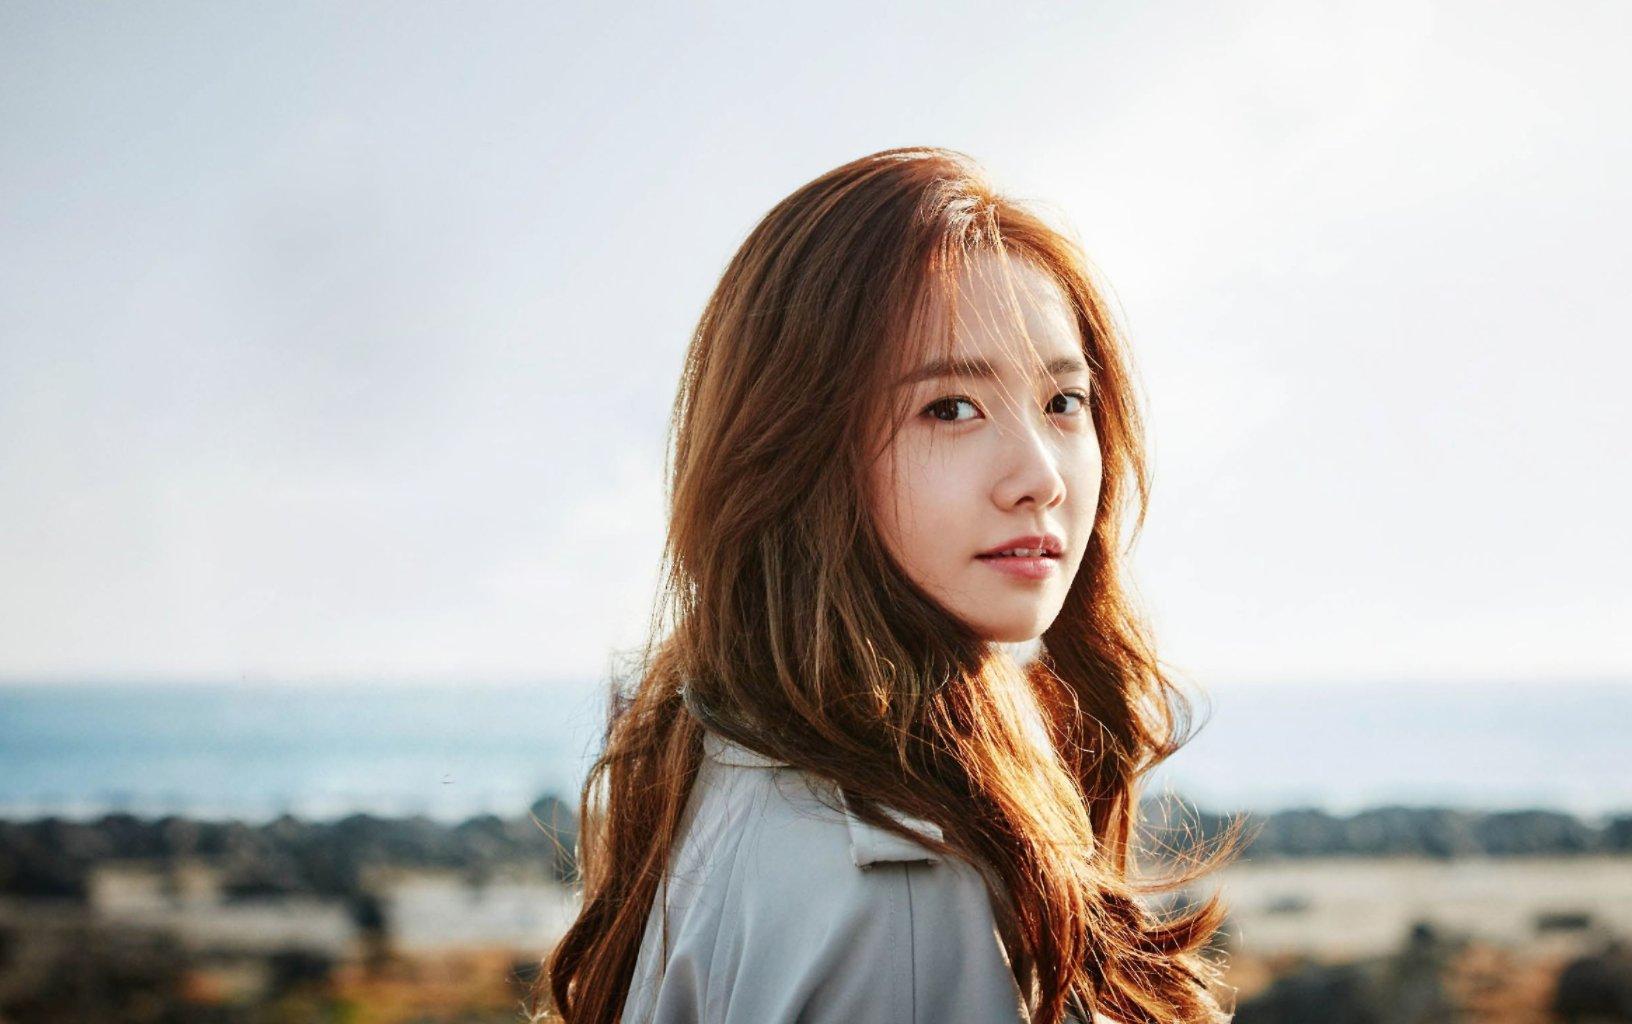 当红女明星_盘点九位韩国当红女明星的片酬,你最喜欢哪一